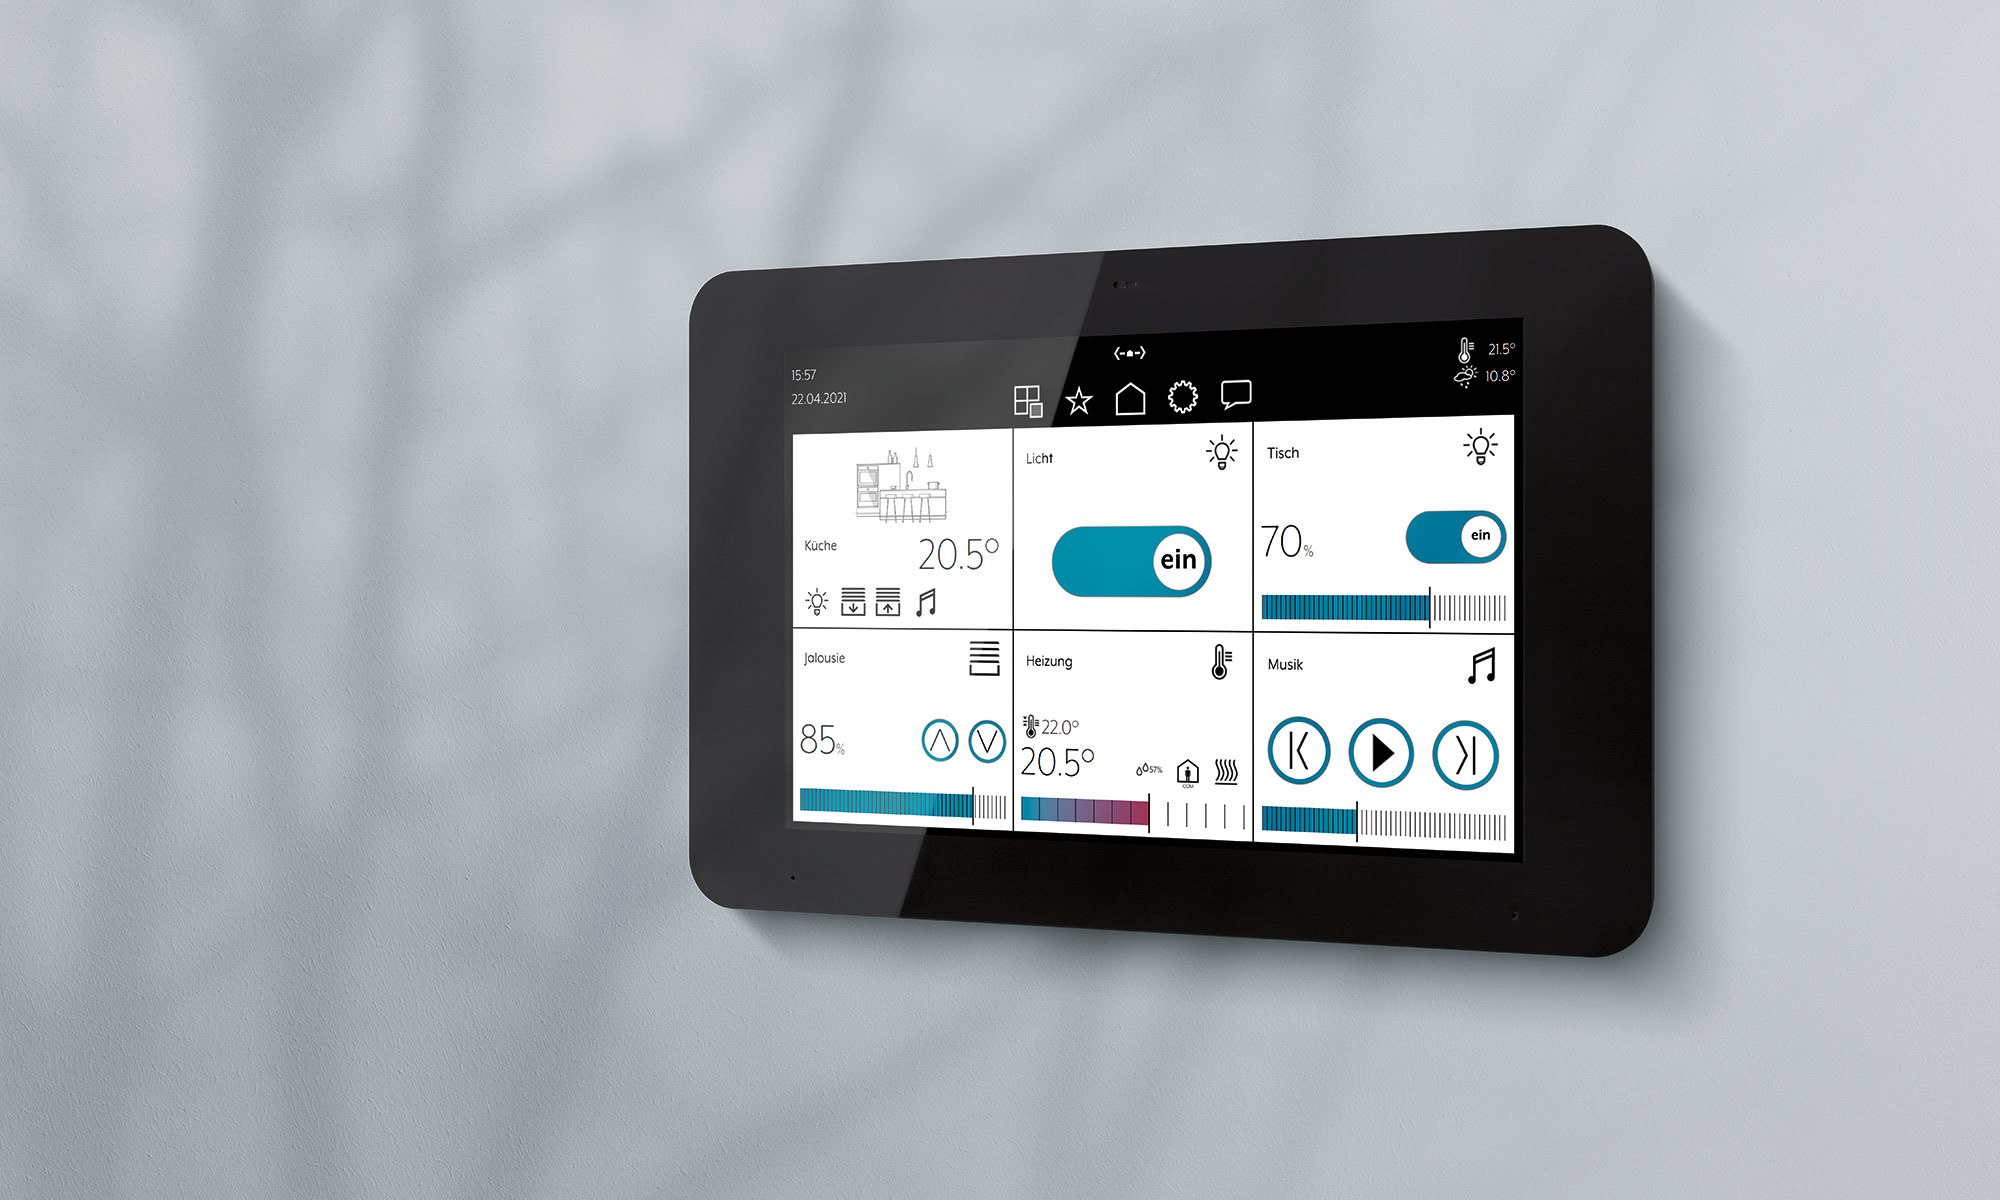 Das JUNG KNX Touchdisplay Smart Panel 8 steuert und visualisiert alle Vorgänge im KNX System.